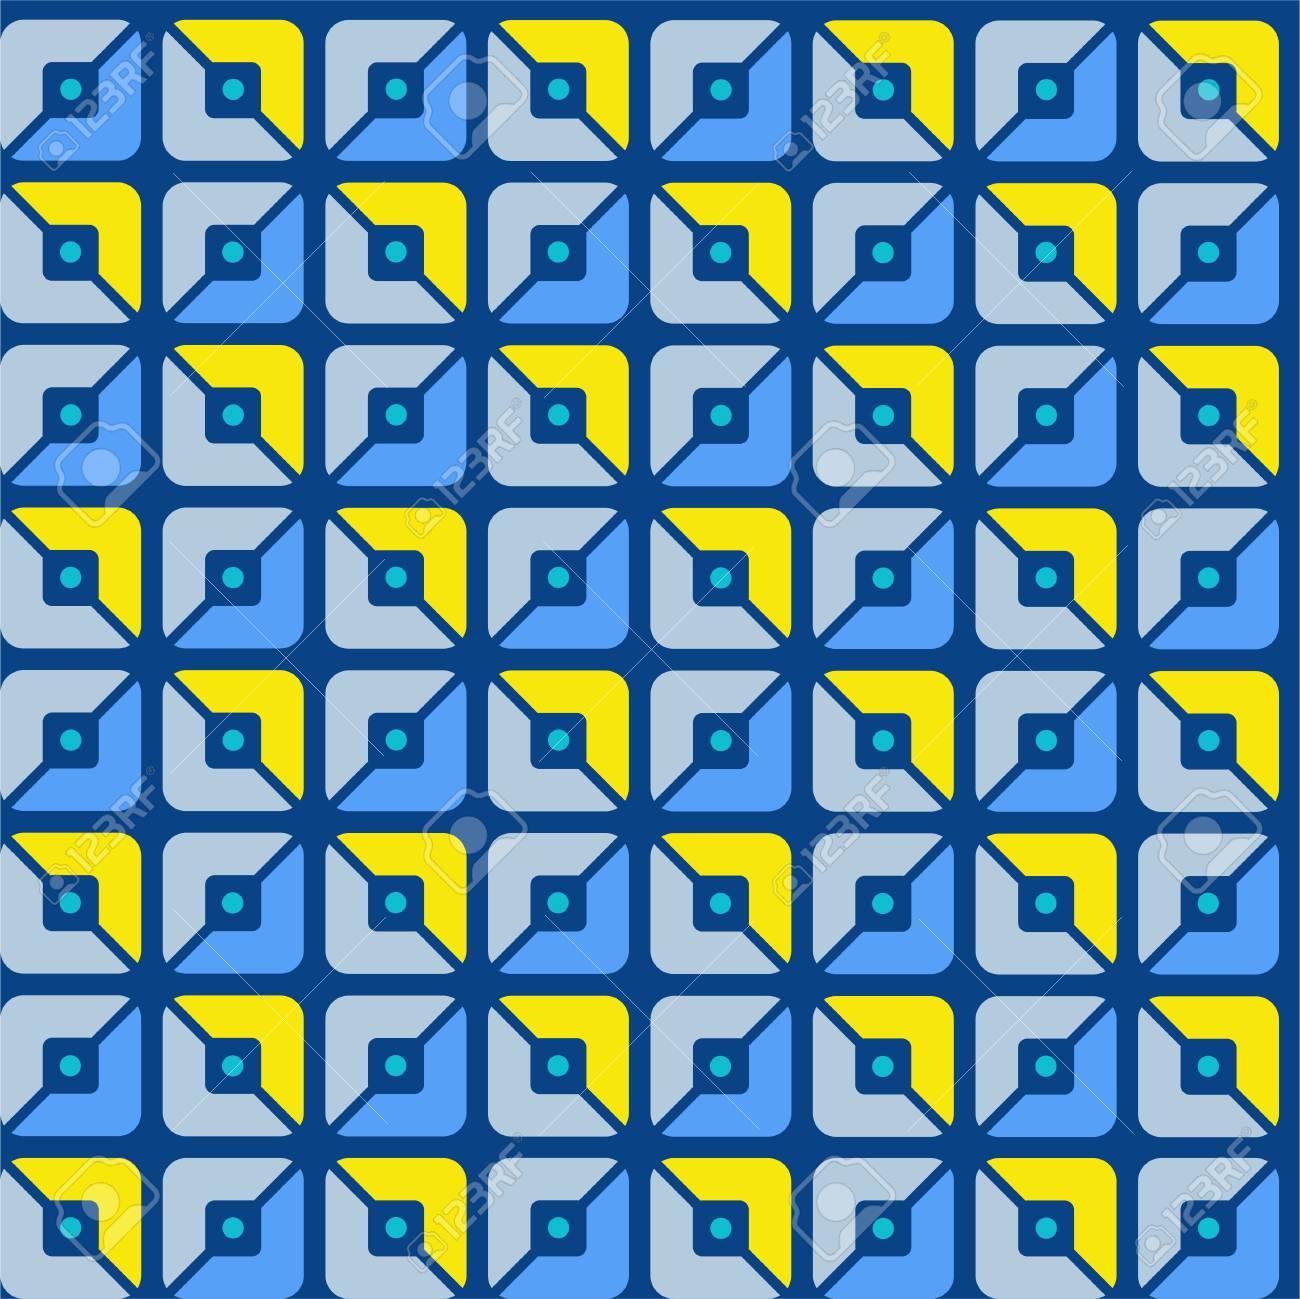 Modelo Inconsútil Geométrico Cuadrados Azul Amarillo Mitades Fondo Coloreado Plano Patrón De Mitades Cuadrados Azules Y Amarillos En Un Fondo